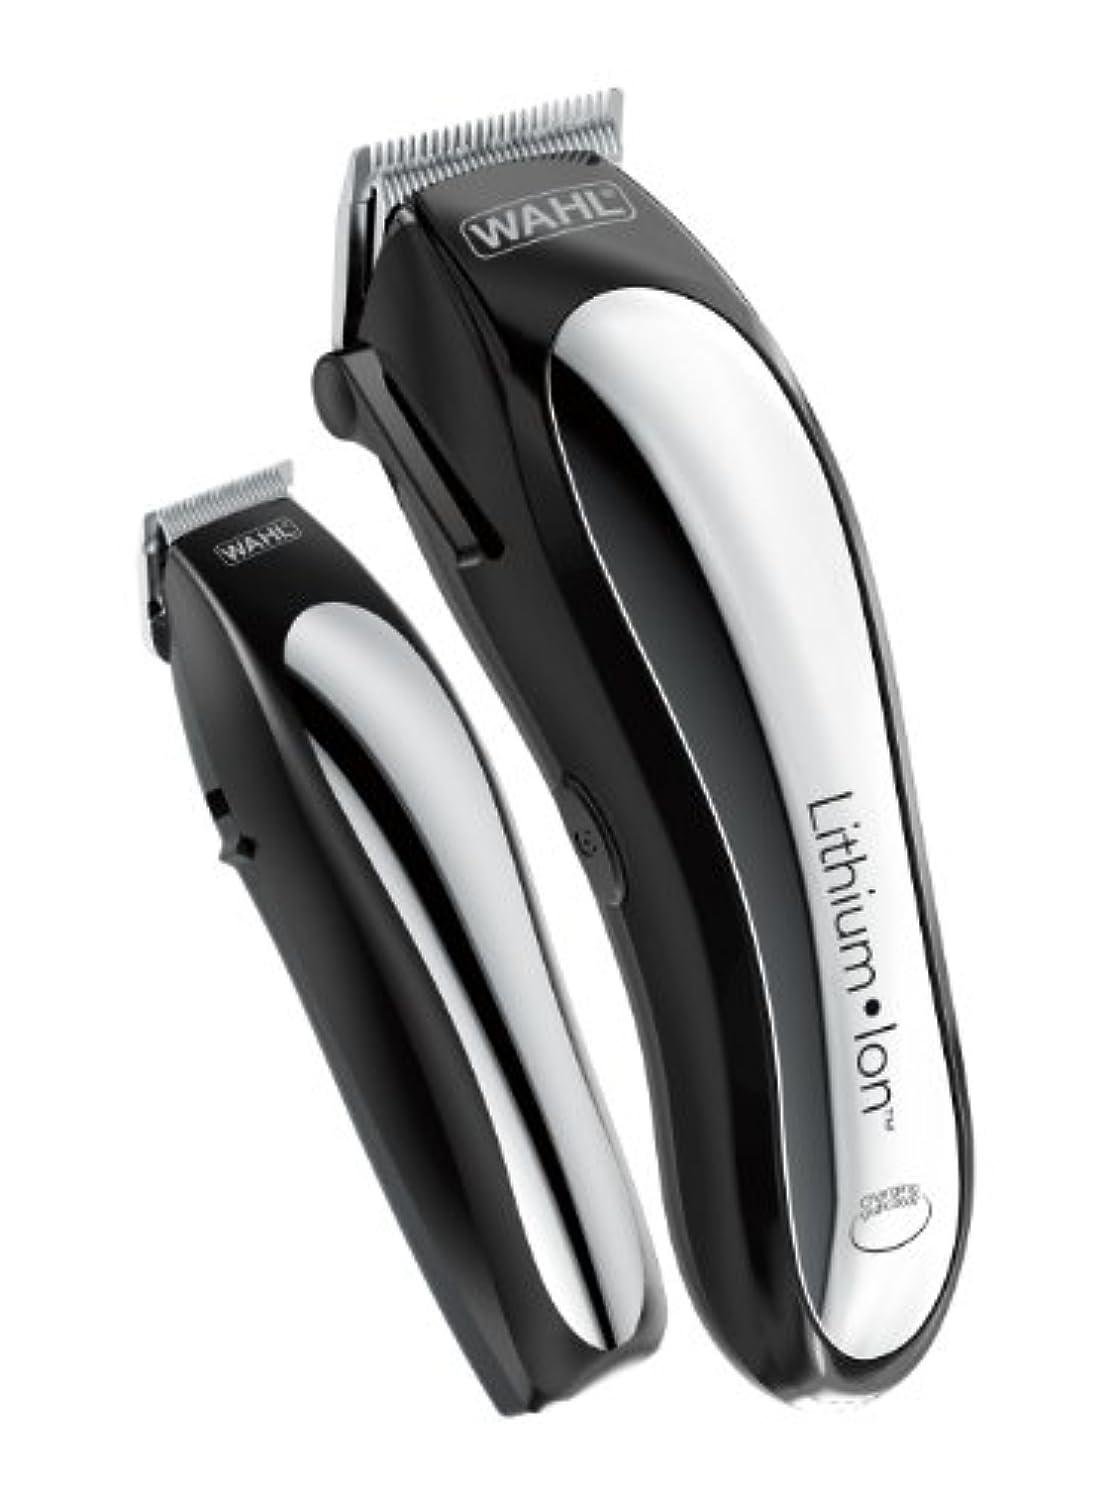 ピットニコチン。Wahl Clipper Lithium Ion Cordless Rechargeable Hair Clippers and Trimmers for men,Hair Cutting Kit with 10 Guide...